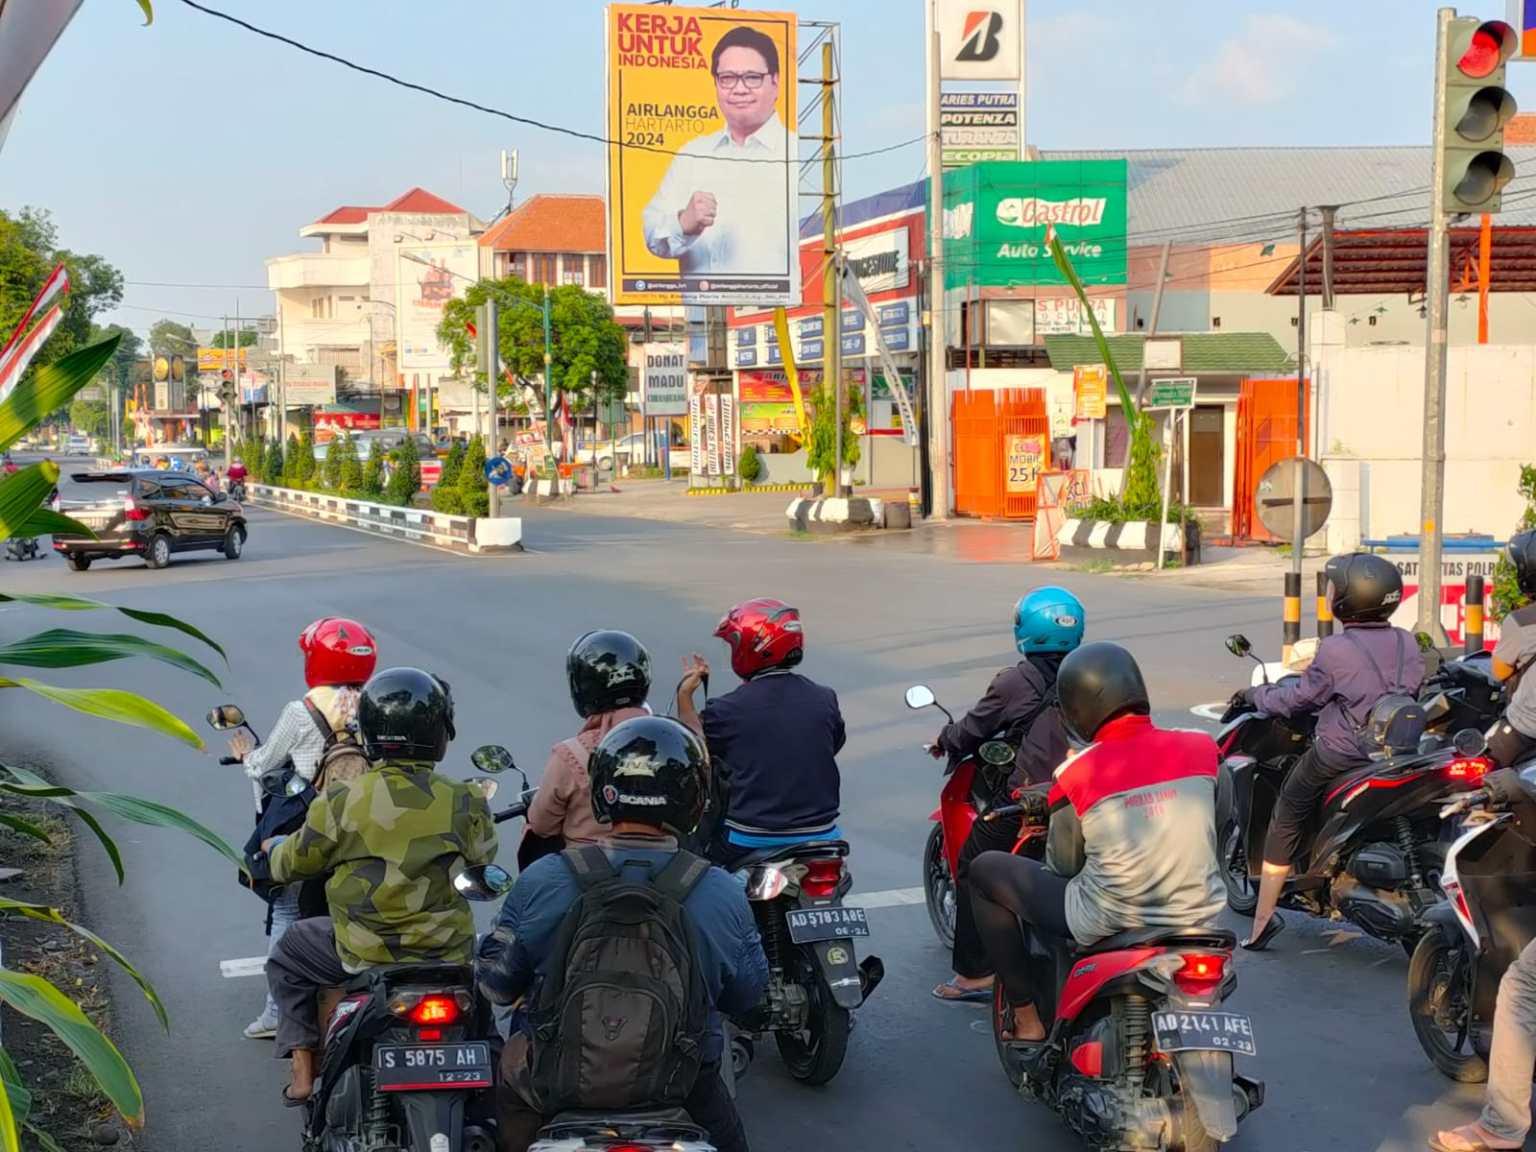 Ingin Punya Capres Sendiri Di 2024, Kader Golkar Sragen Rela Urunan Demi Pasang Baliho Airlangga